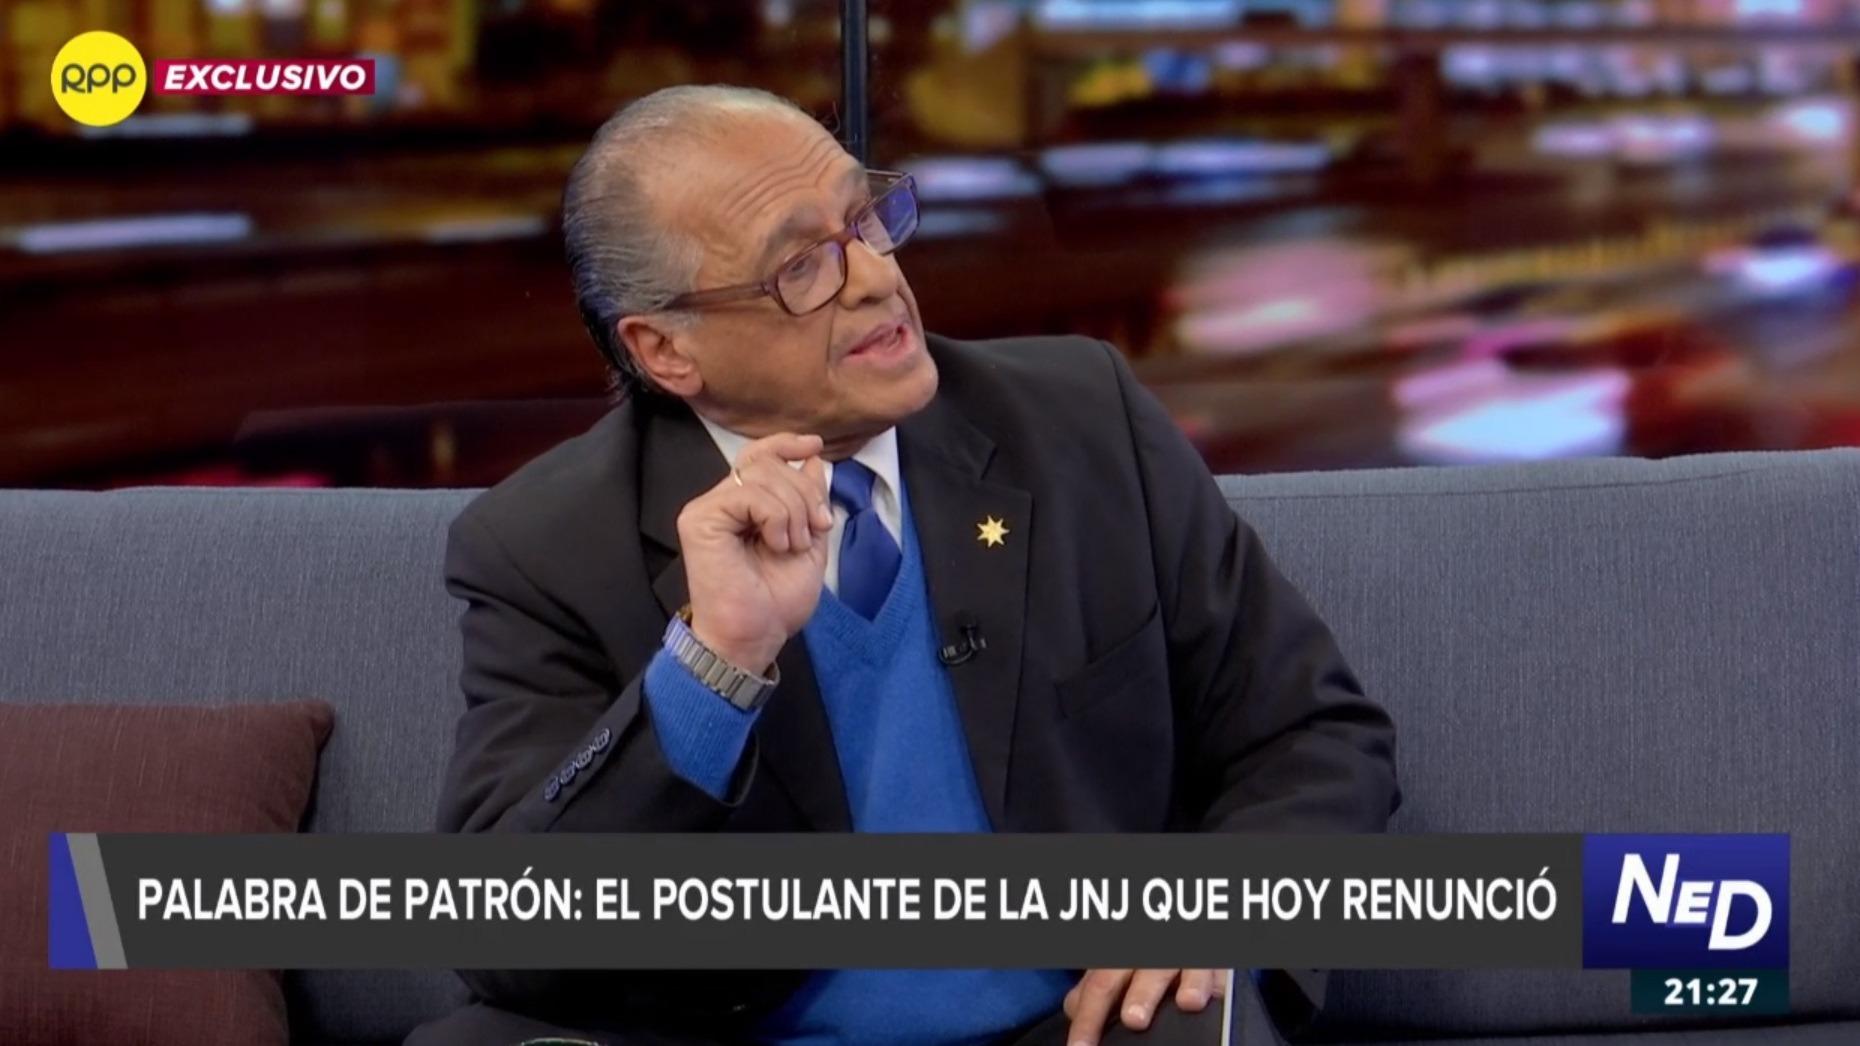 Pedro Patrón Bedoya sostuvo que no recibió ninguna notificación sobre la investigación que Fiscalía le abrió en un caso relacionado al caso Orellana.